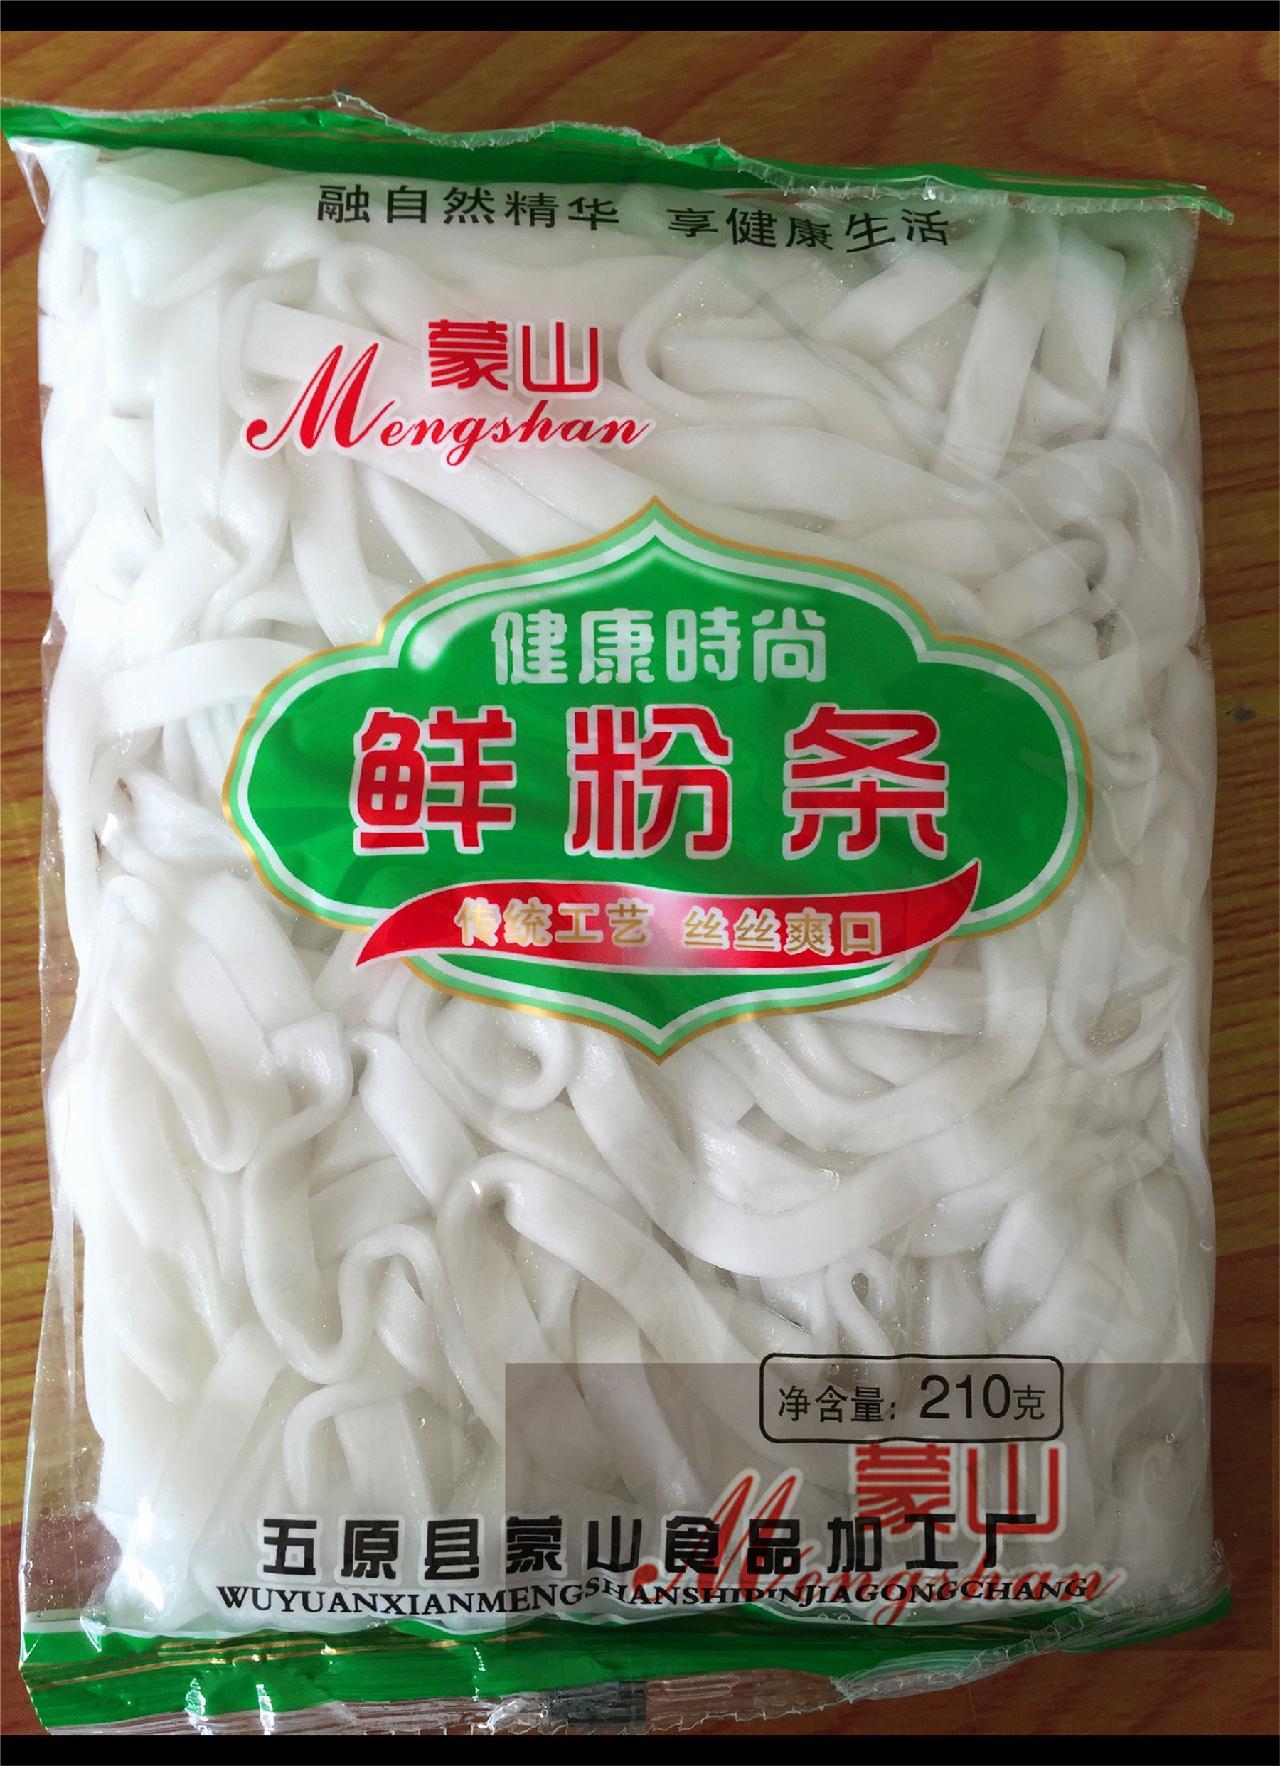 纯马铃薯粉条 家和土豆鲜粉条210g/袋 直供